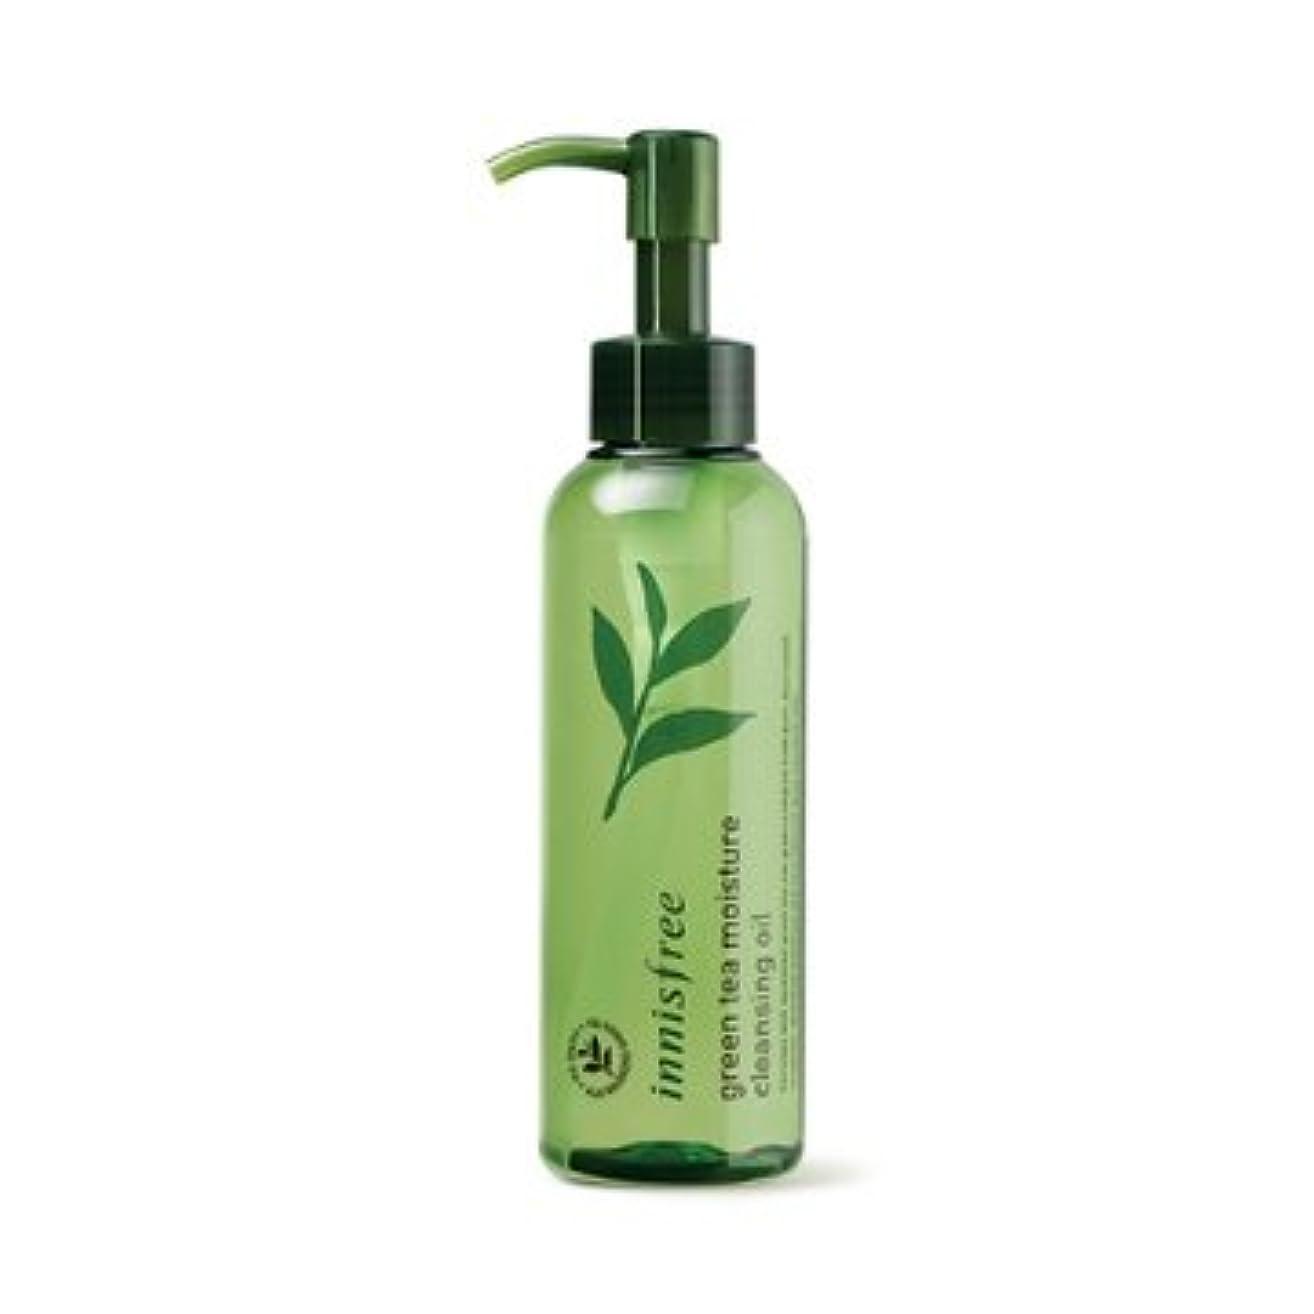 軍隊効果的に有限【イニスフリー】Innisfree green tea moisture cleansing oil - 150ml (韓国直送品) (SHOPPINGINSTAGRAM)